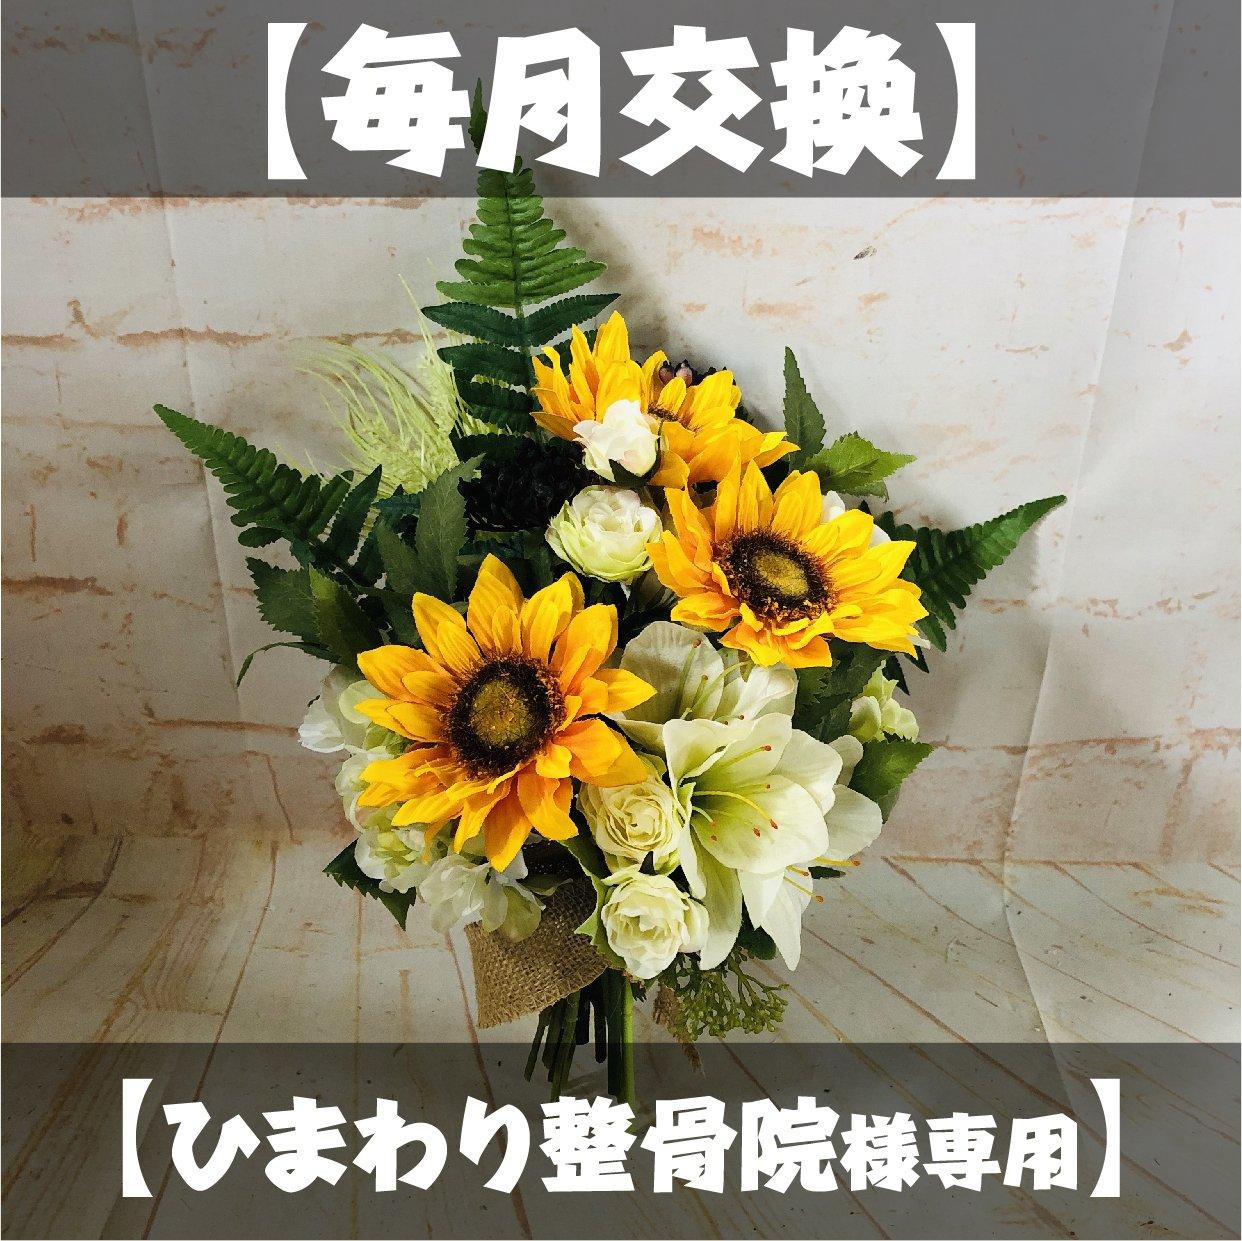 【毎月交換】【ひまわり整骨院様専用】季節のお花アレンジメントのイメージその1